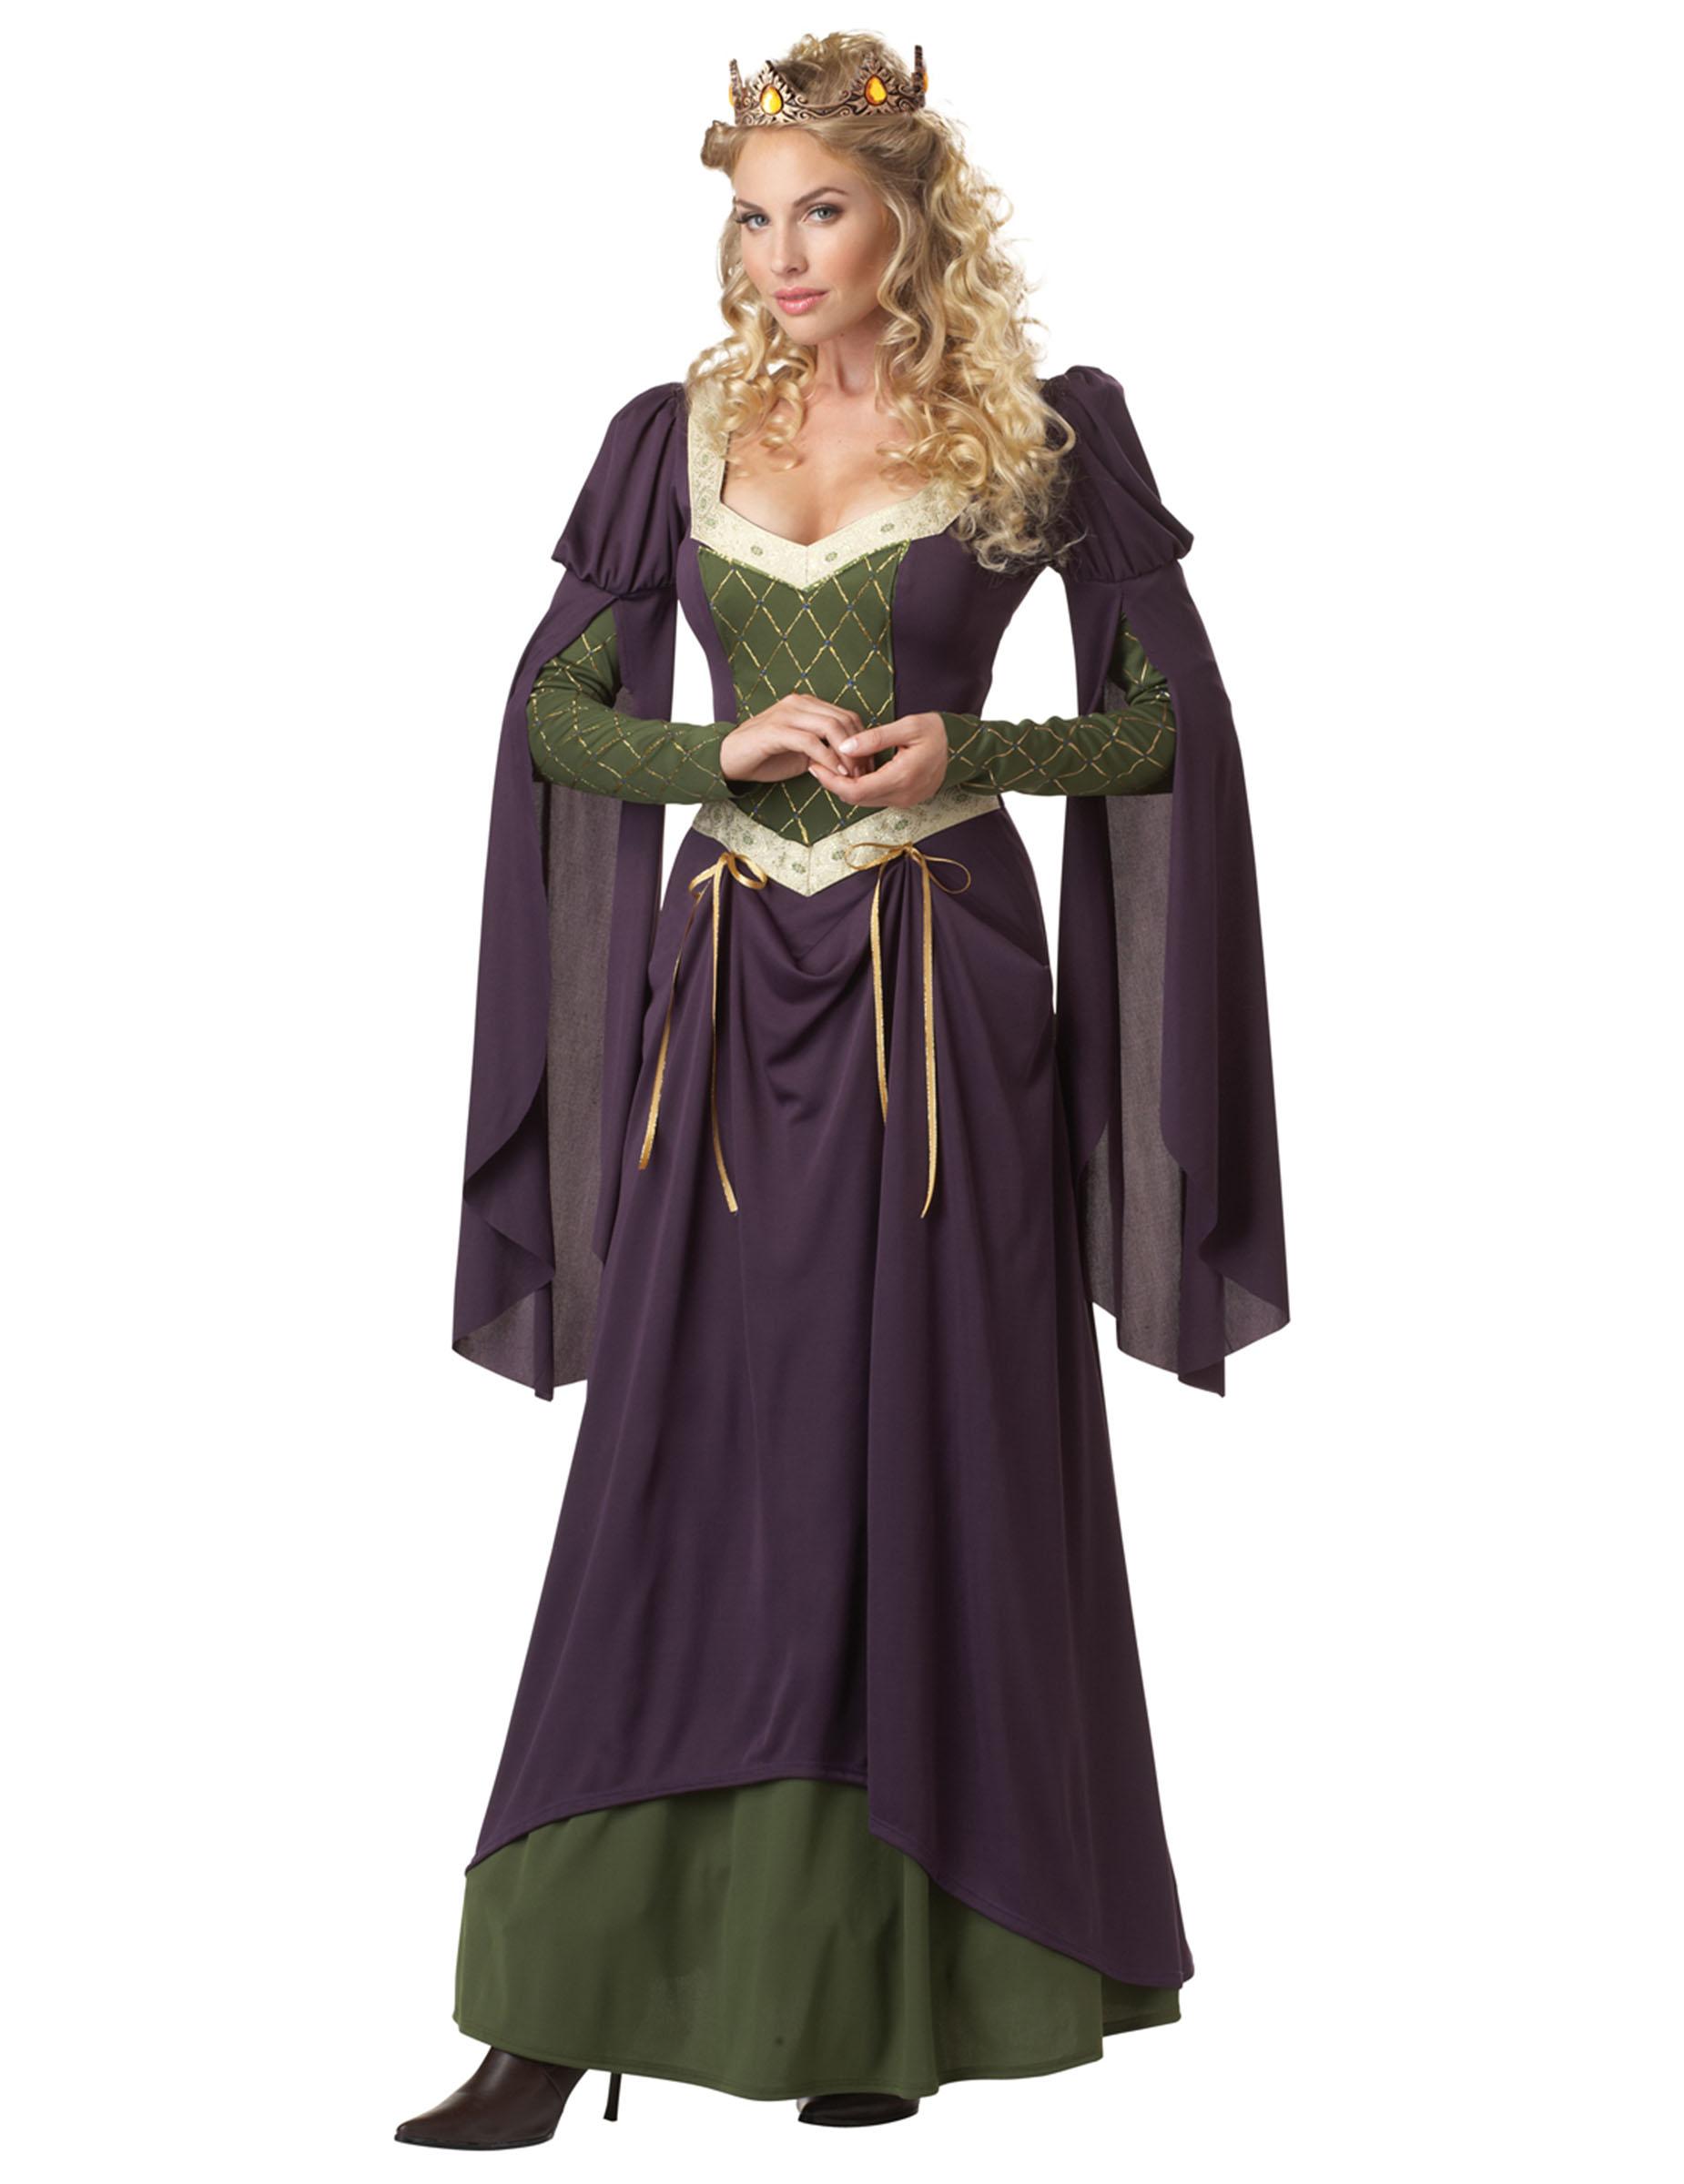 79bddd48a02e Costume da dama del Rinascimento per donna su VegaooParty